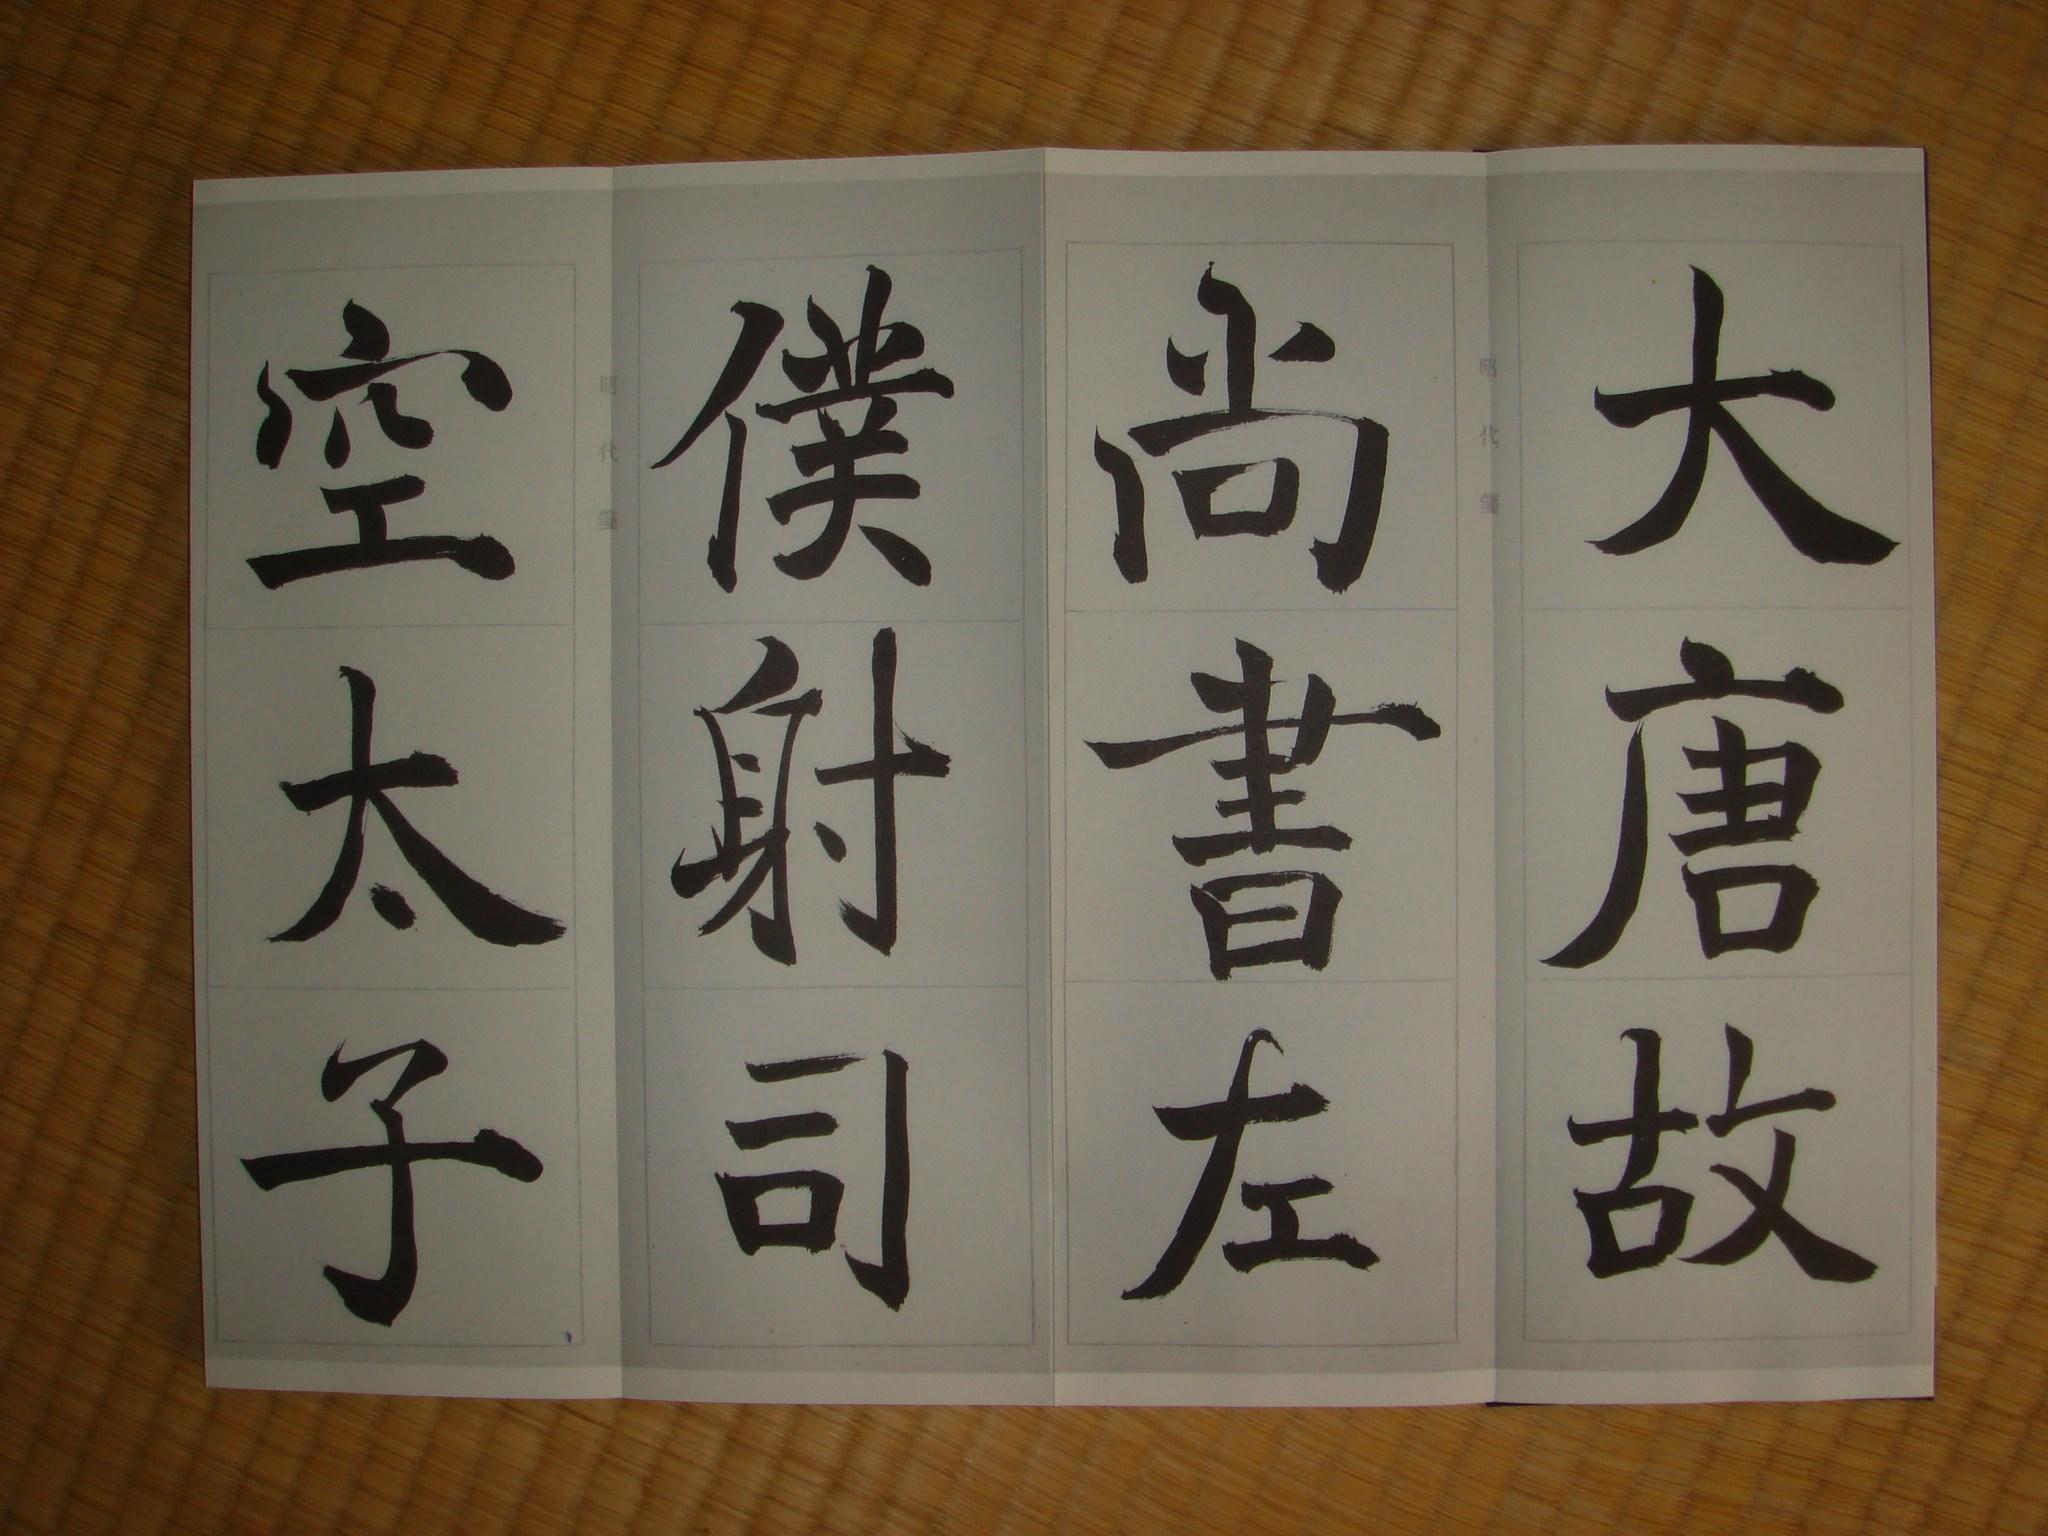 比田井天来 房玄齢碑 : syodou